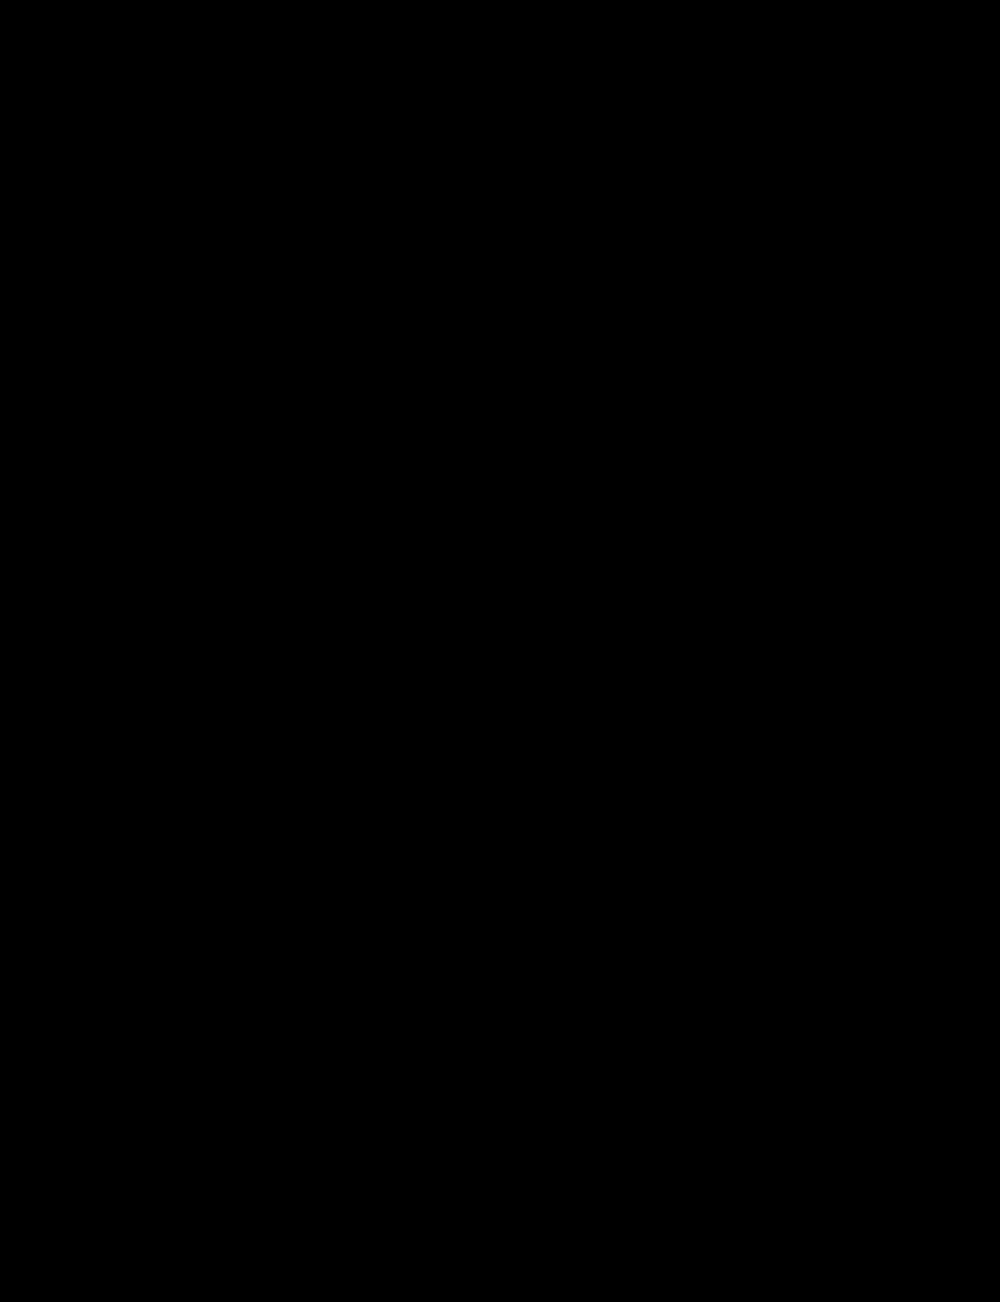 Les longueurs droites du défilé Burberry